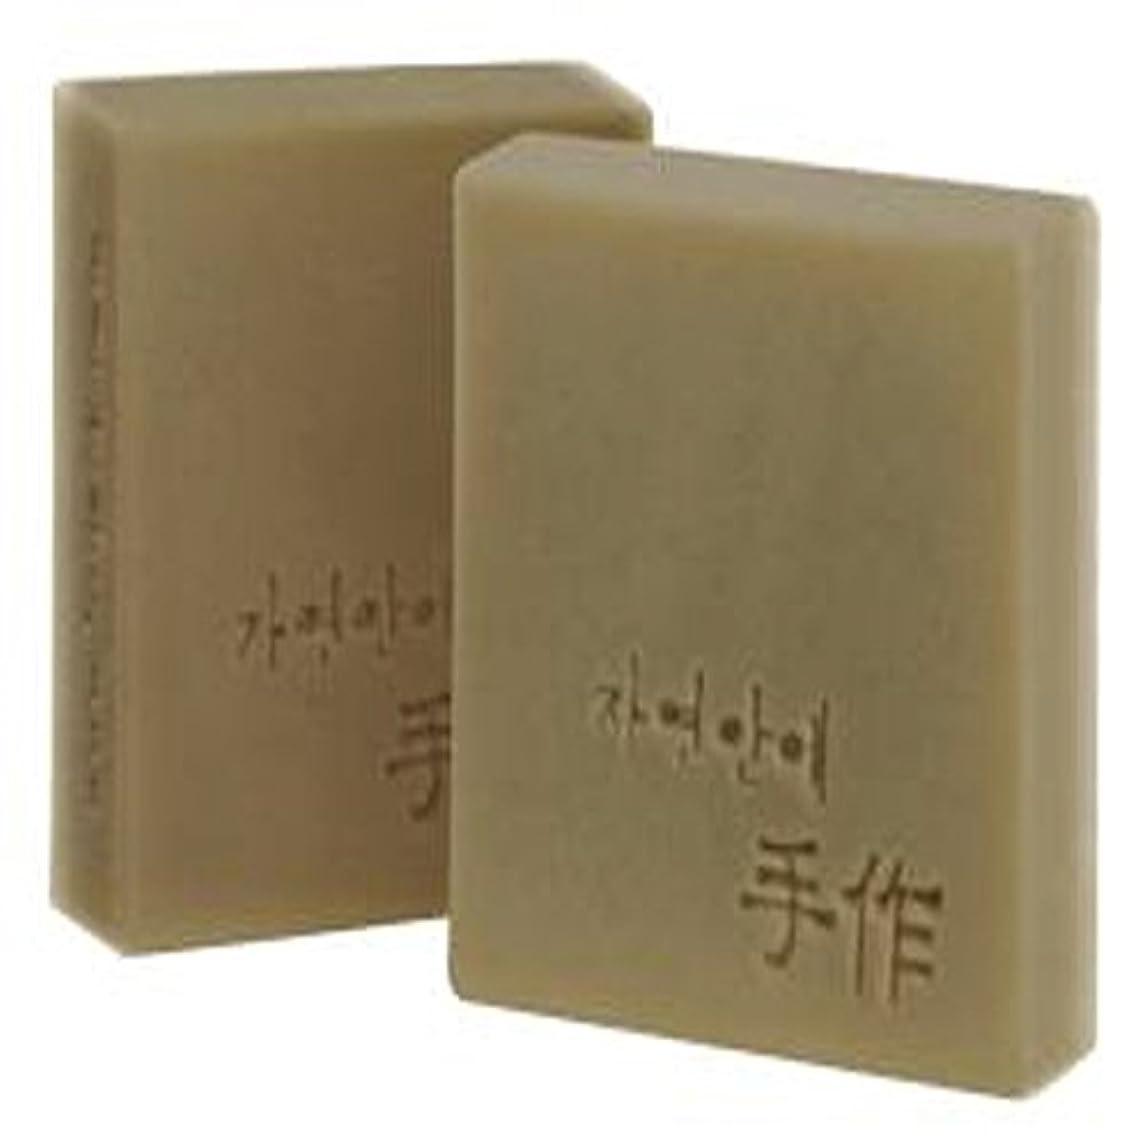 順応性くさびメールNatural organic 有機天然ソープ 固形 無添加 洗顔せっけんクレンジング 石鹸 [並行輸入品] (オートミール)